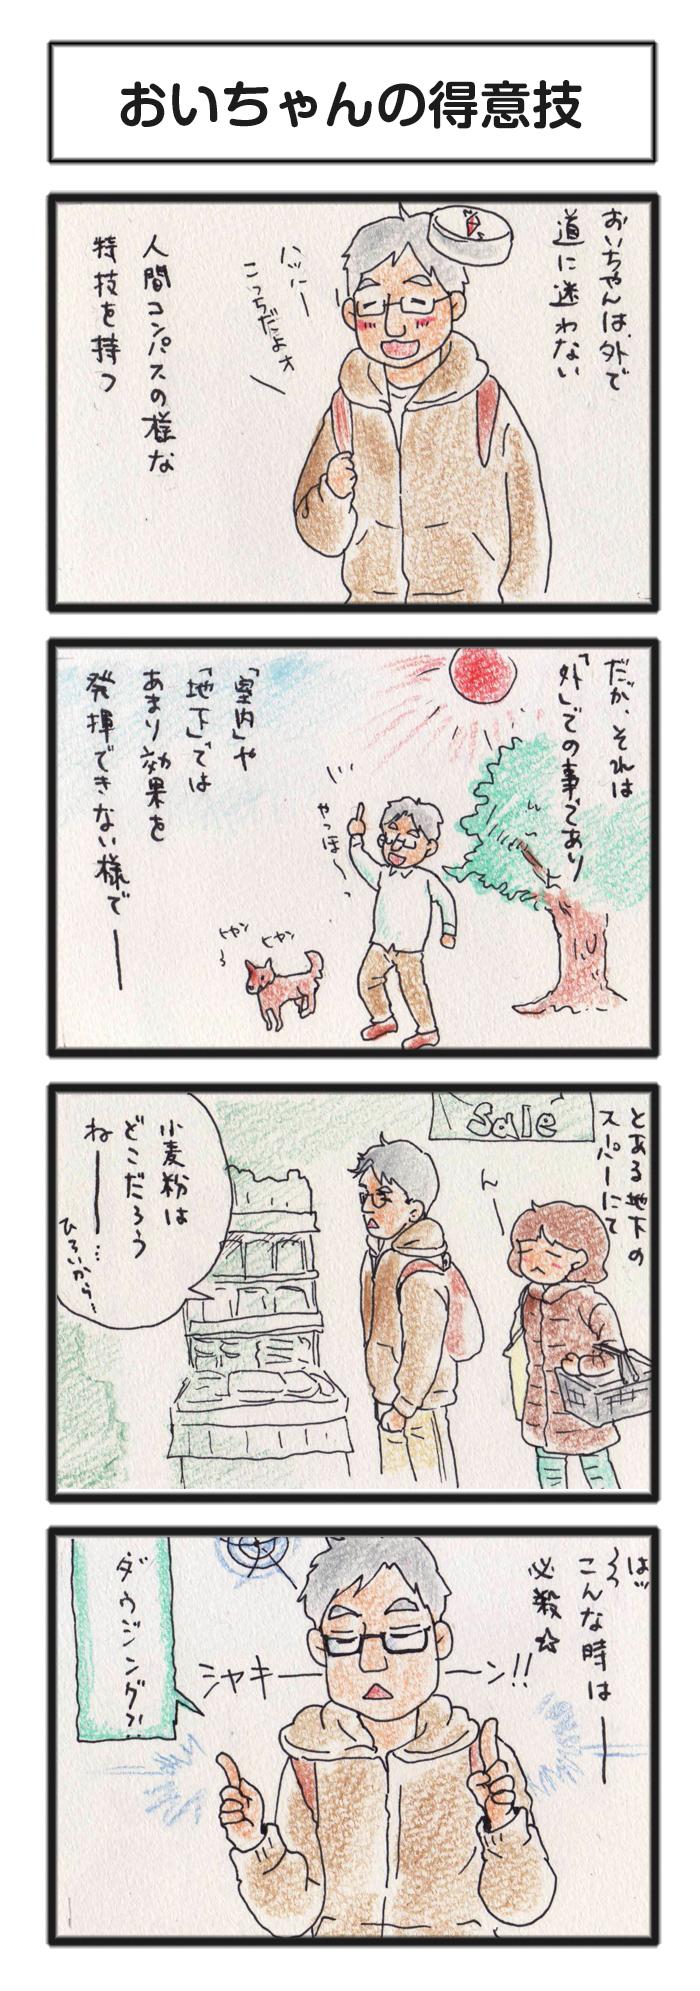 comic_4c_15032203.jpg